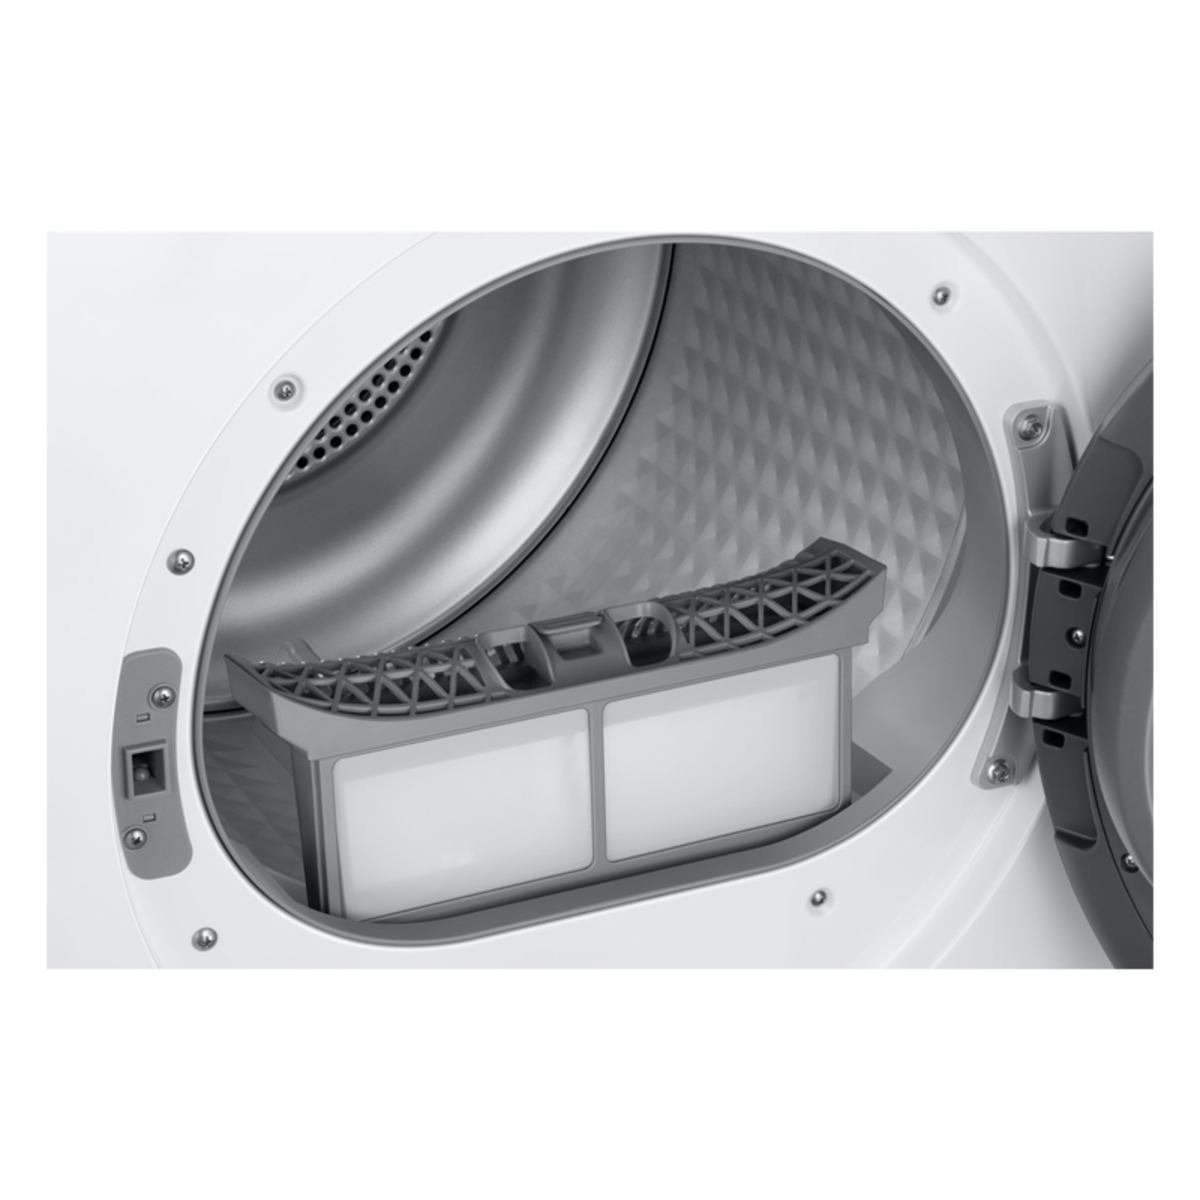 Samsung DV90T5240AE/S1 A+++ 9kg Heat Pump Tumble Dryer, White